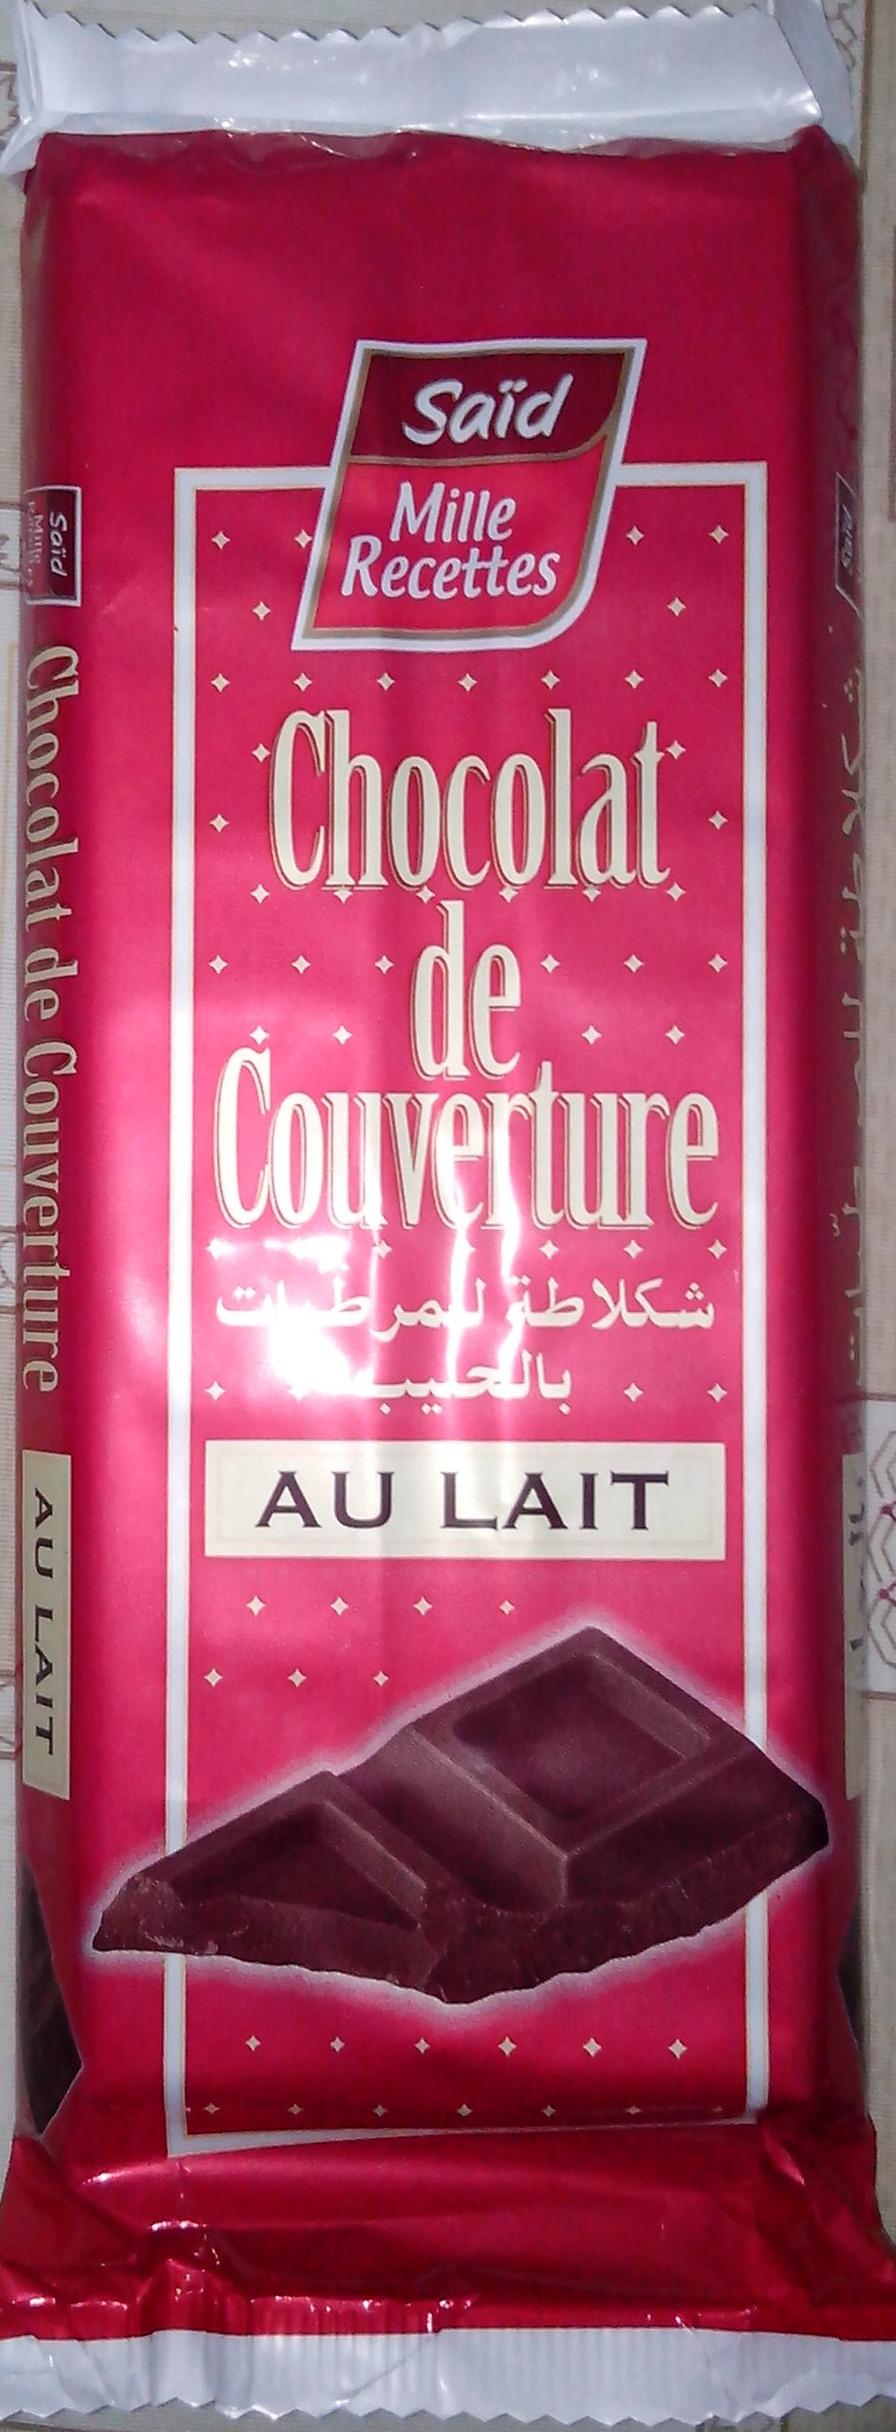 Chocolat de couverture au lait - Produit - fr